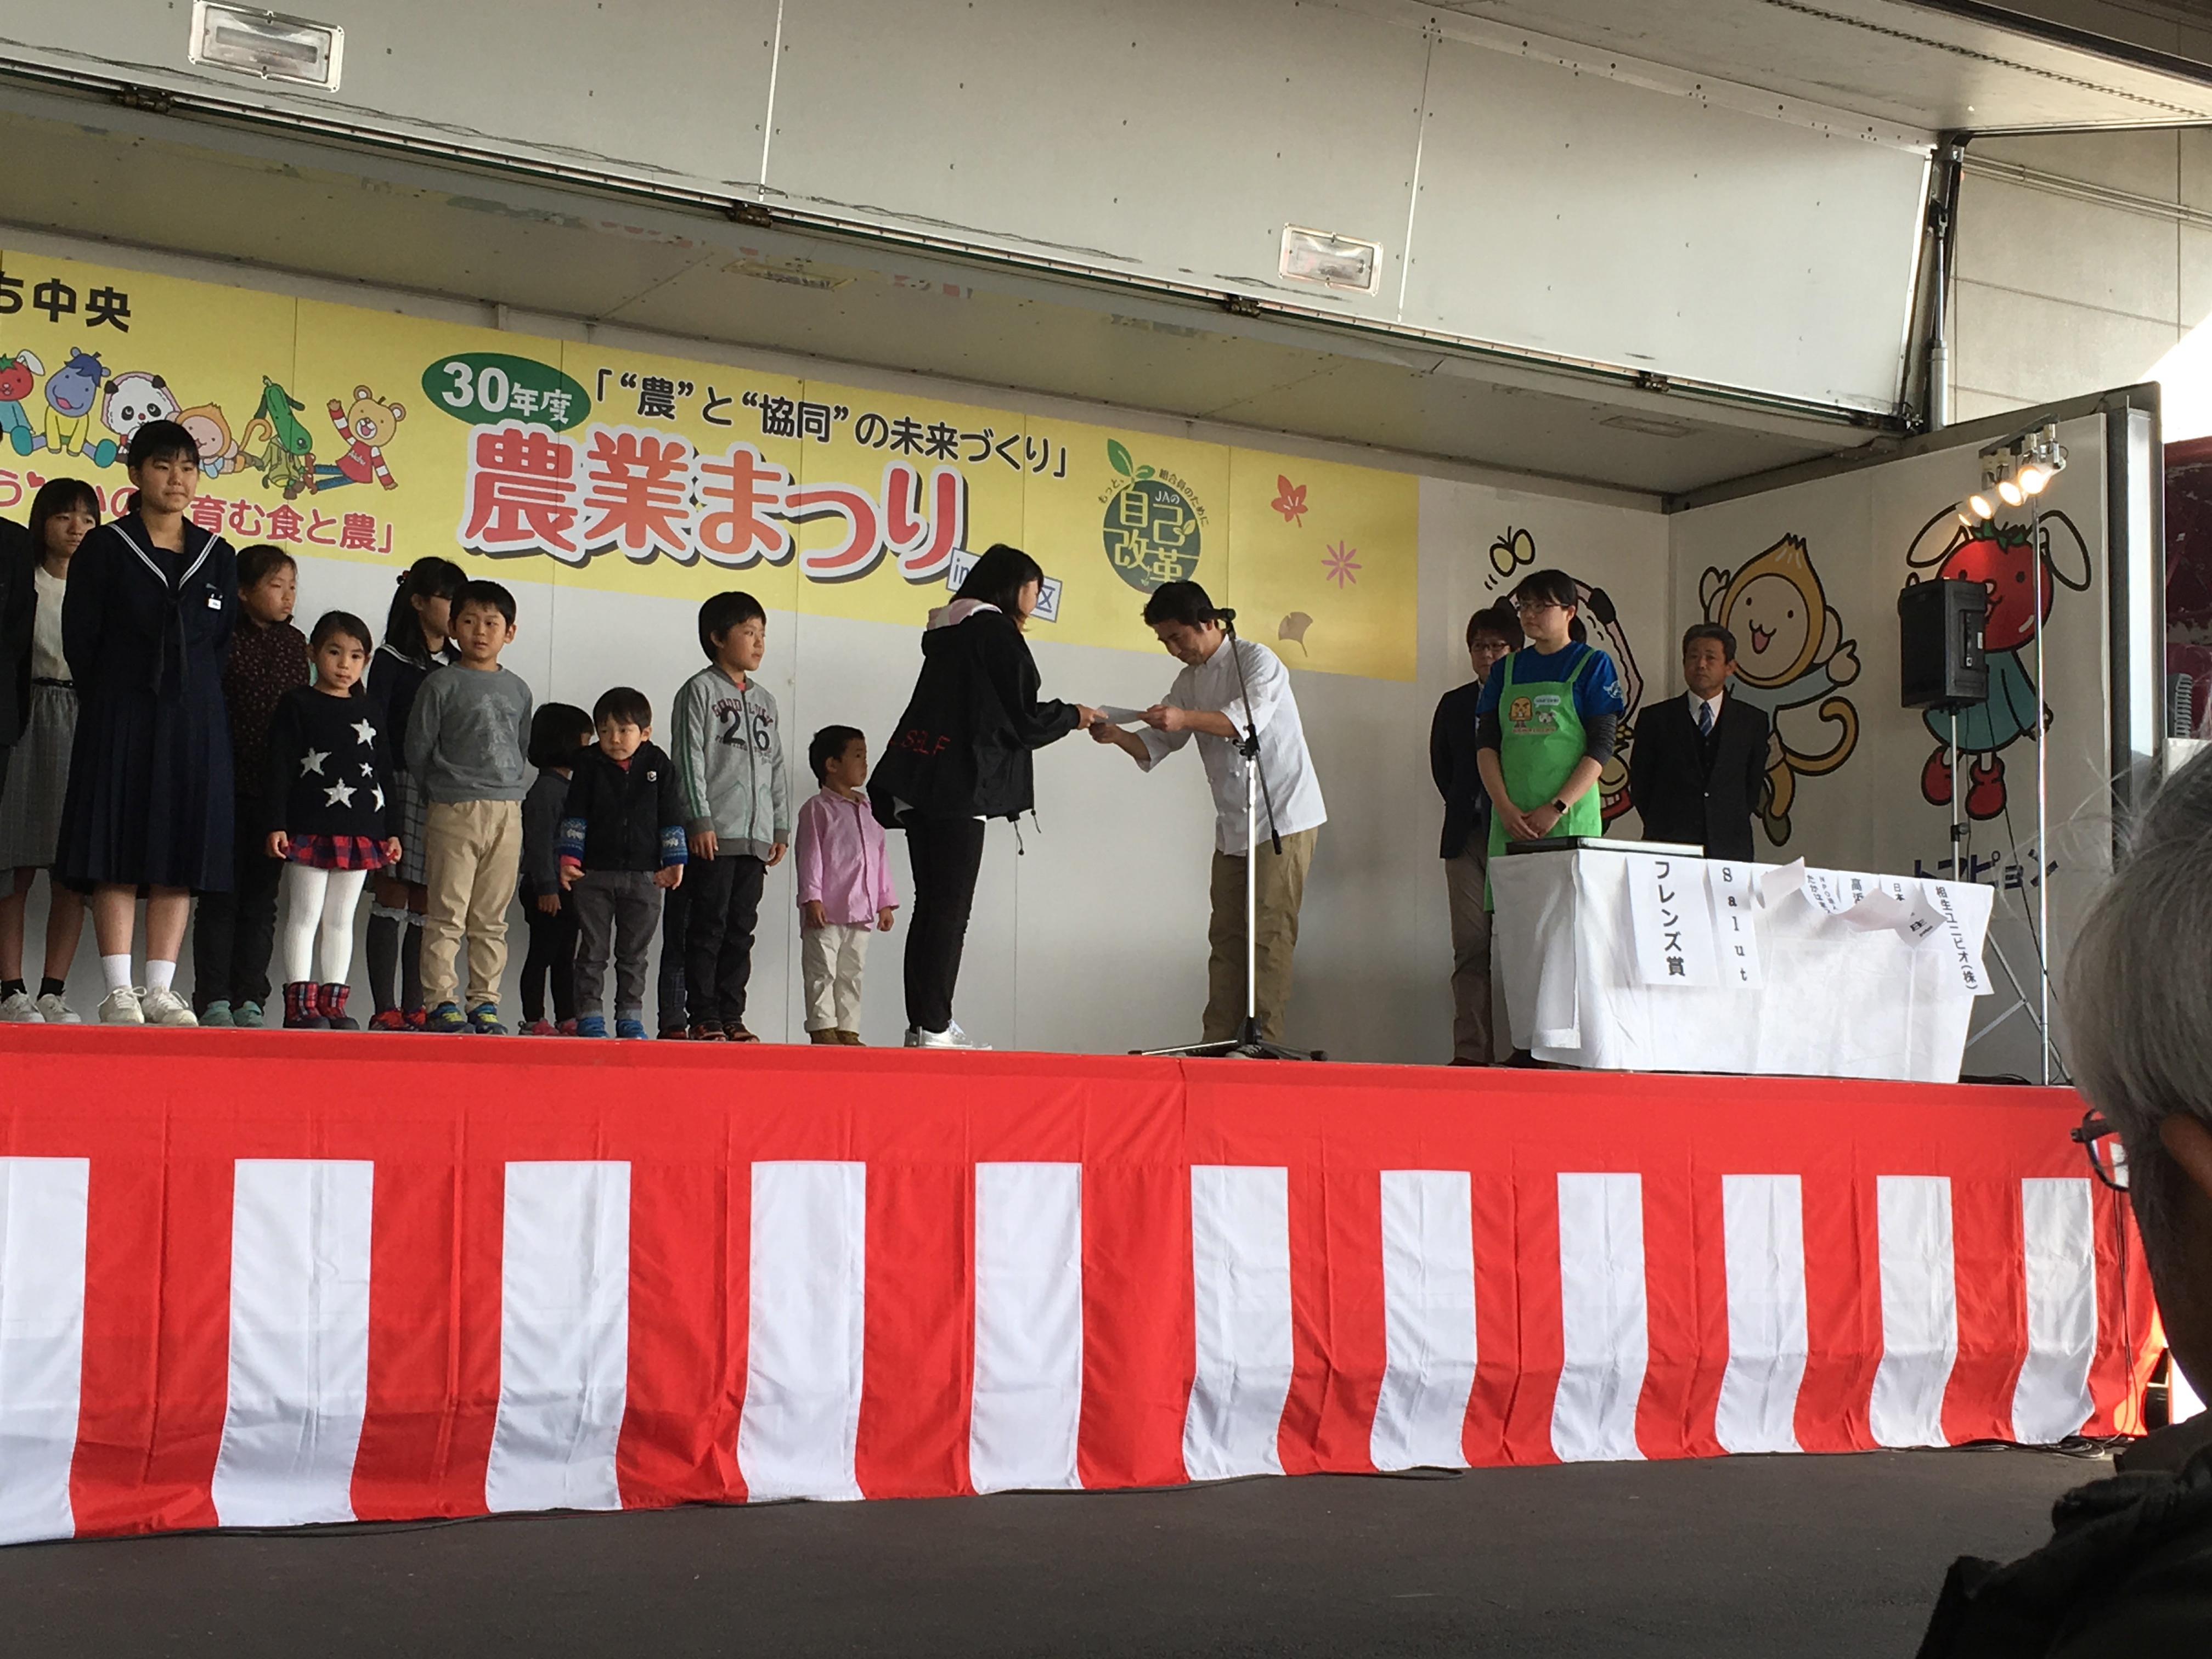 カワラッキー賞 表彰式